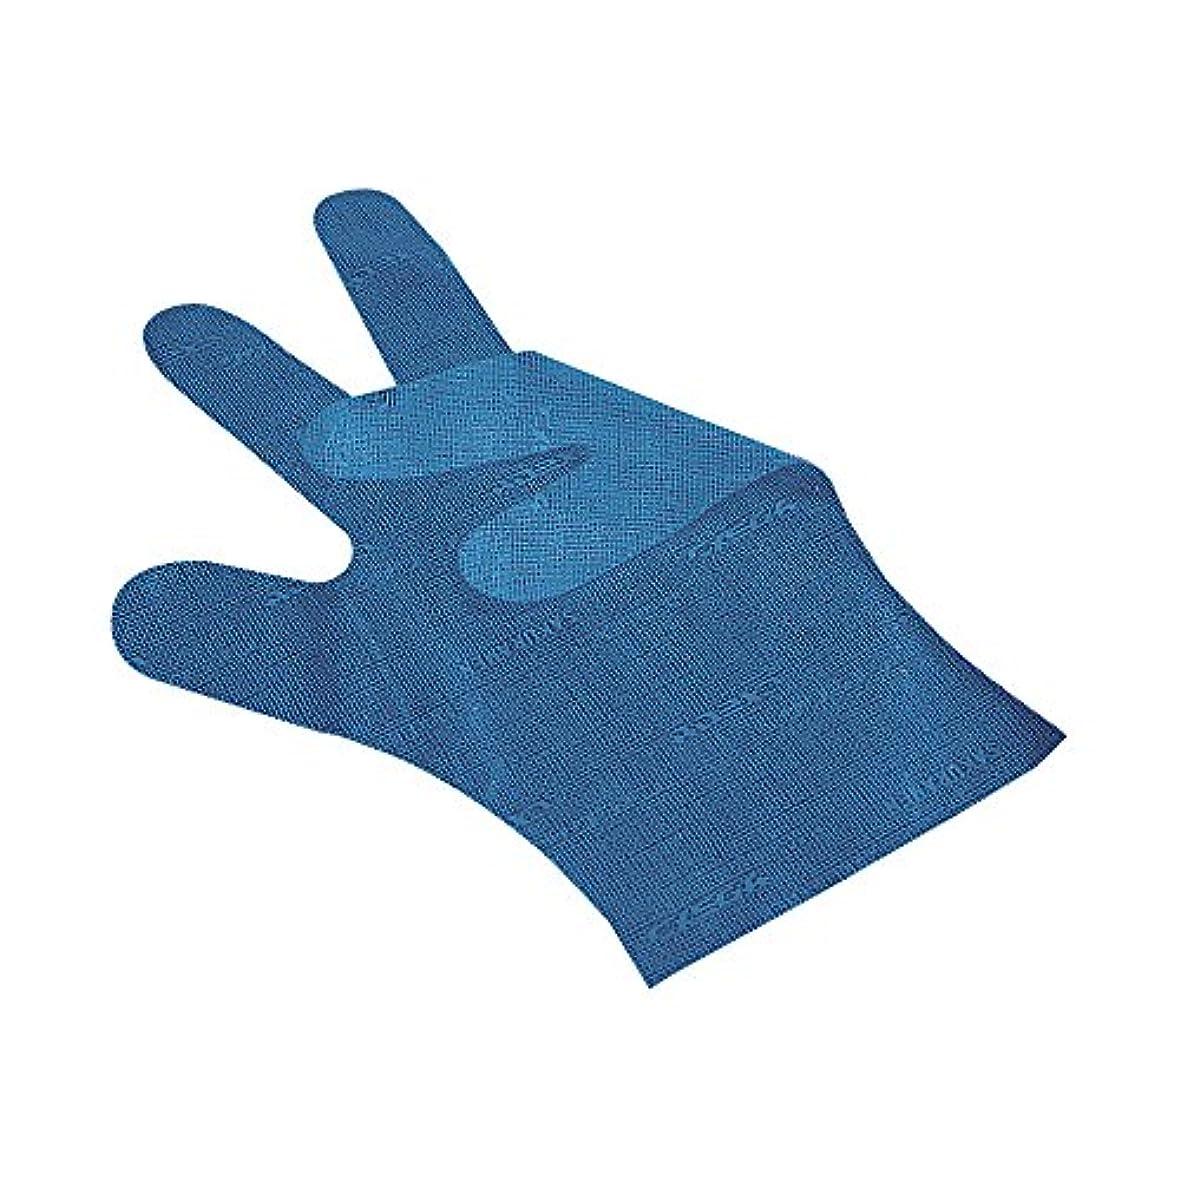 一掃する不合格機会サクラメンエンボス手袋 デラックス ブルー L 100枚入